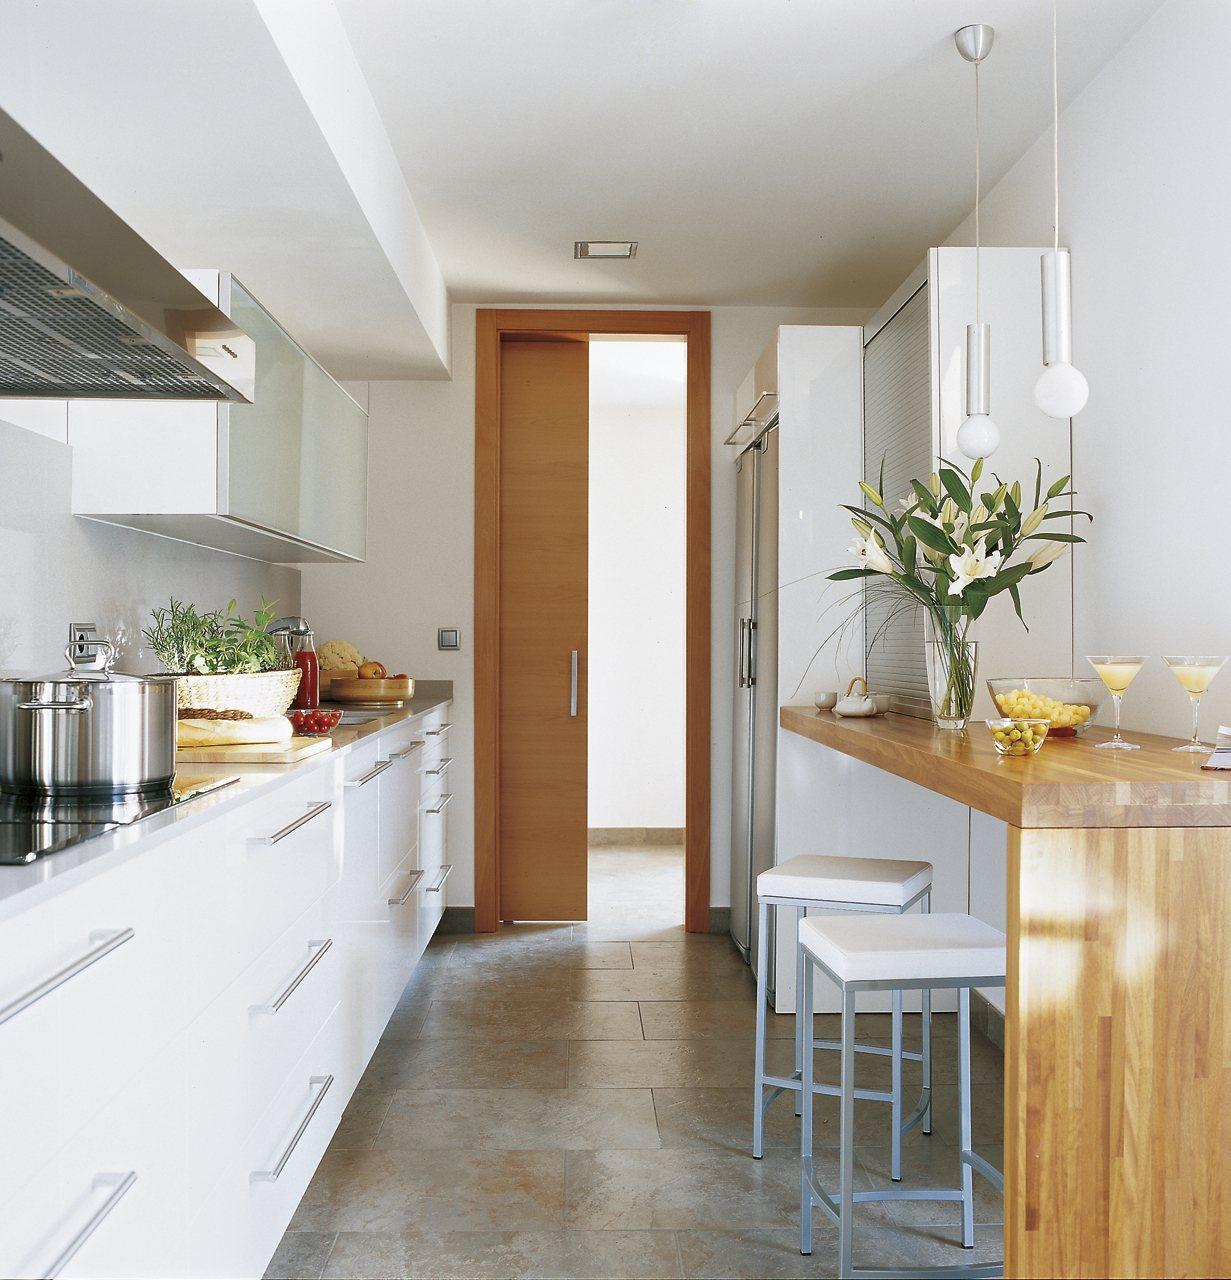 Muebles de cocina y baño - Carpinteros en Granada - 687 895 435 ...